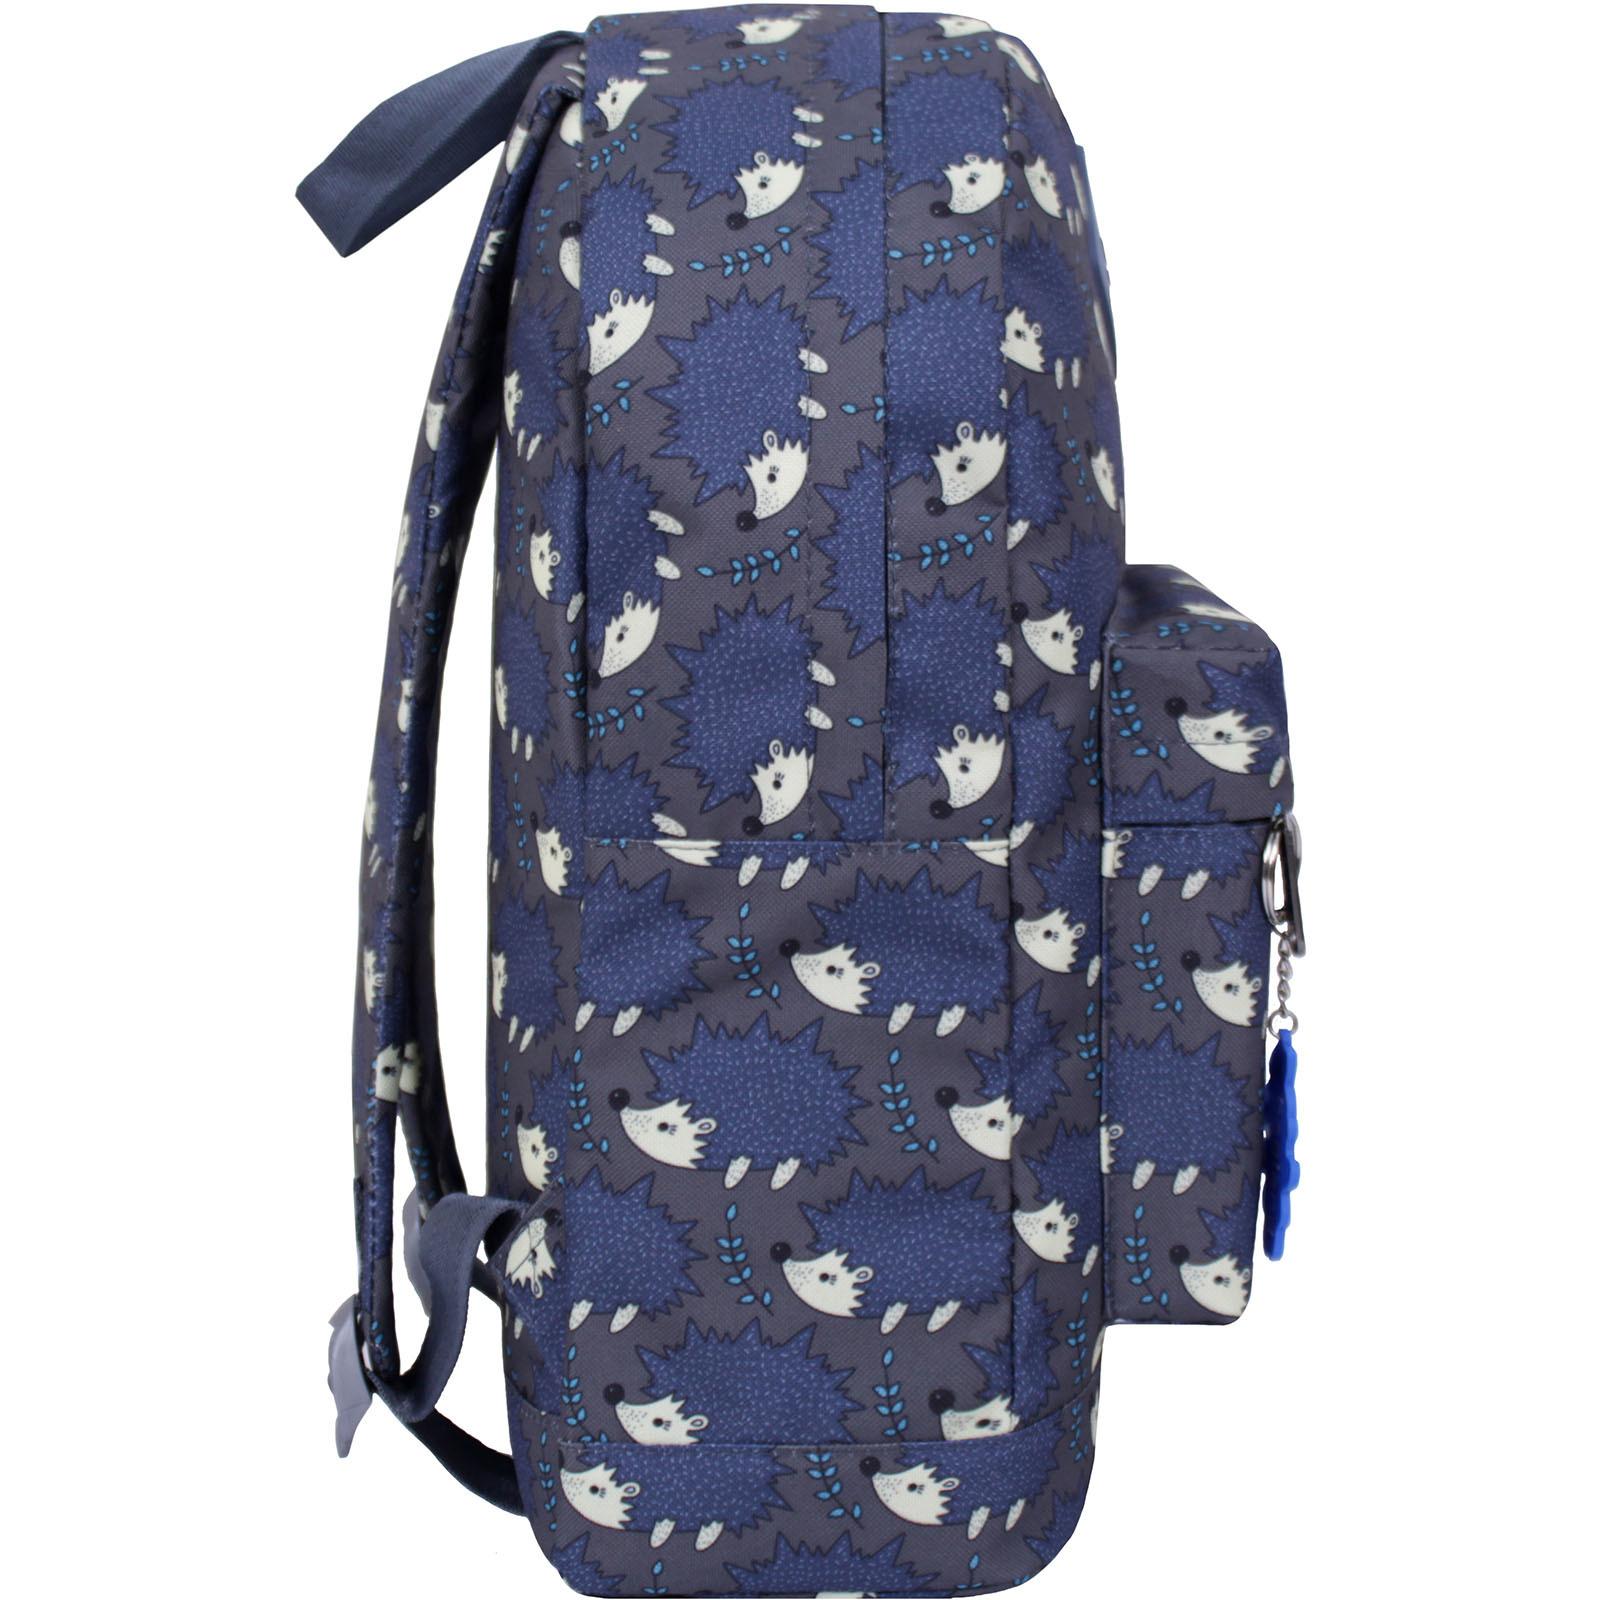 Рюкзак Bagland Молодежный (дизайн) 17 л. сублімація 481 (00533664) фото 2